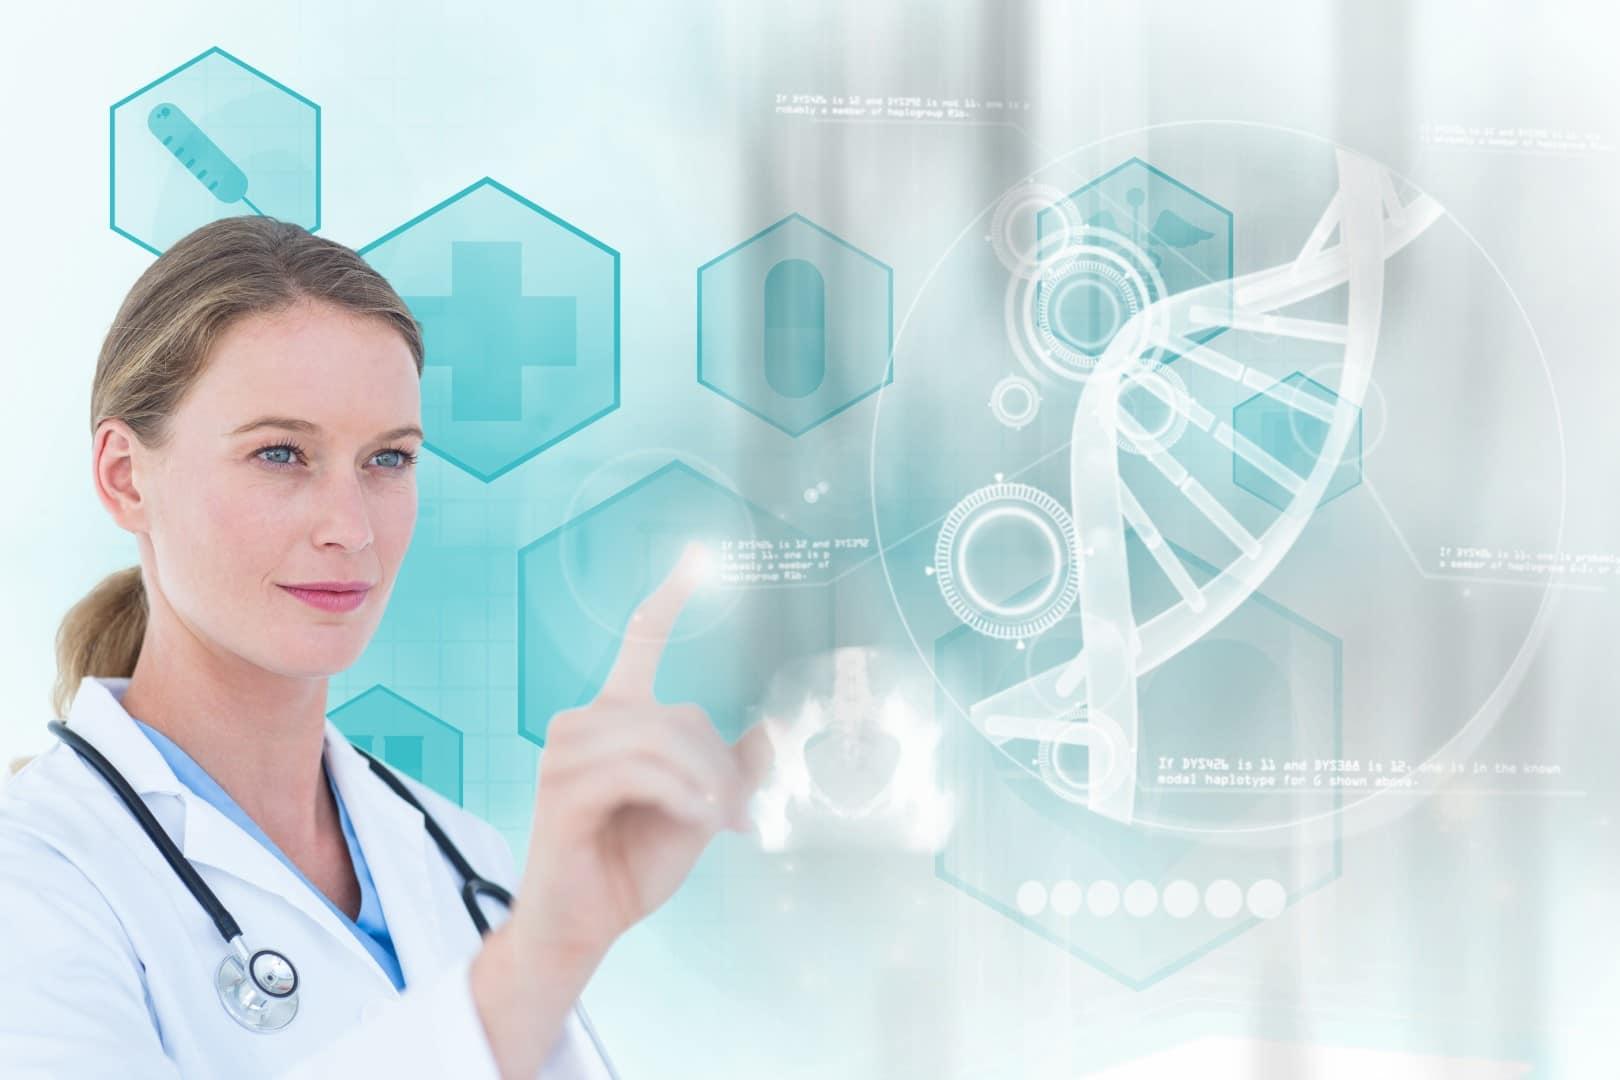 Convocatoria de proceso selectivo para cubrir 416 plazas de varias especialidades de la categoría de facultativo/a especialista de área del Servicio Gallego de Salud